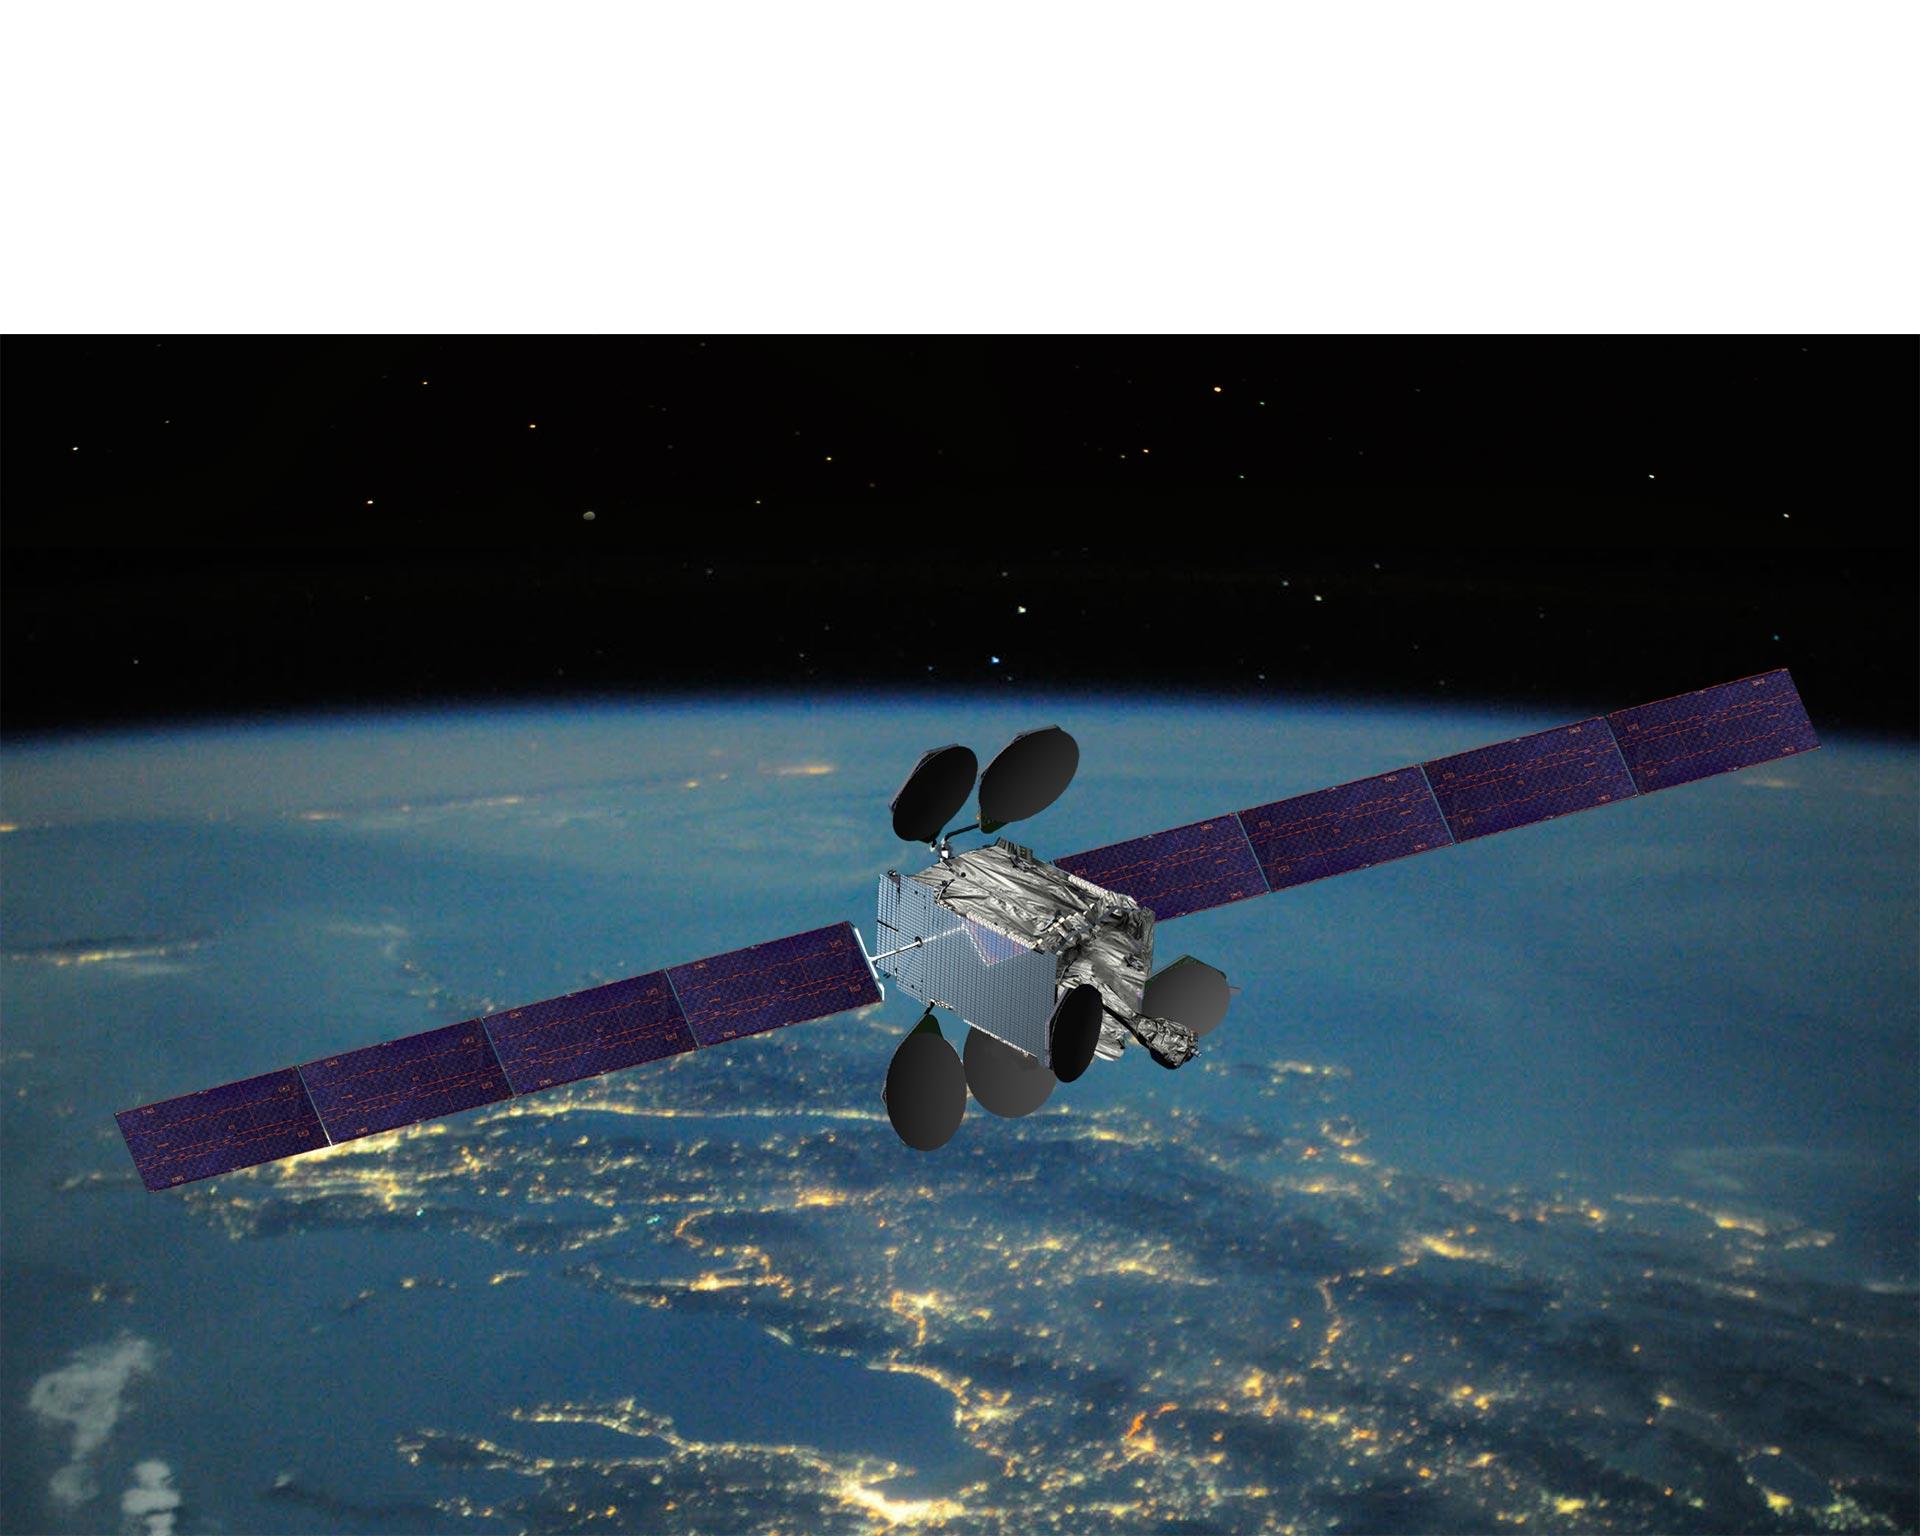 El continente americano tendrá una banda ancha más rápida y una mejor calidad en sus servicios de comunicación gracias Intelsat 29